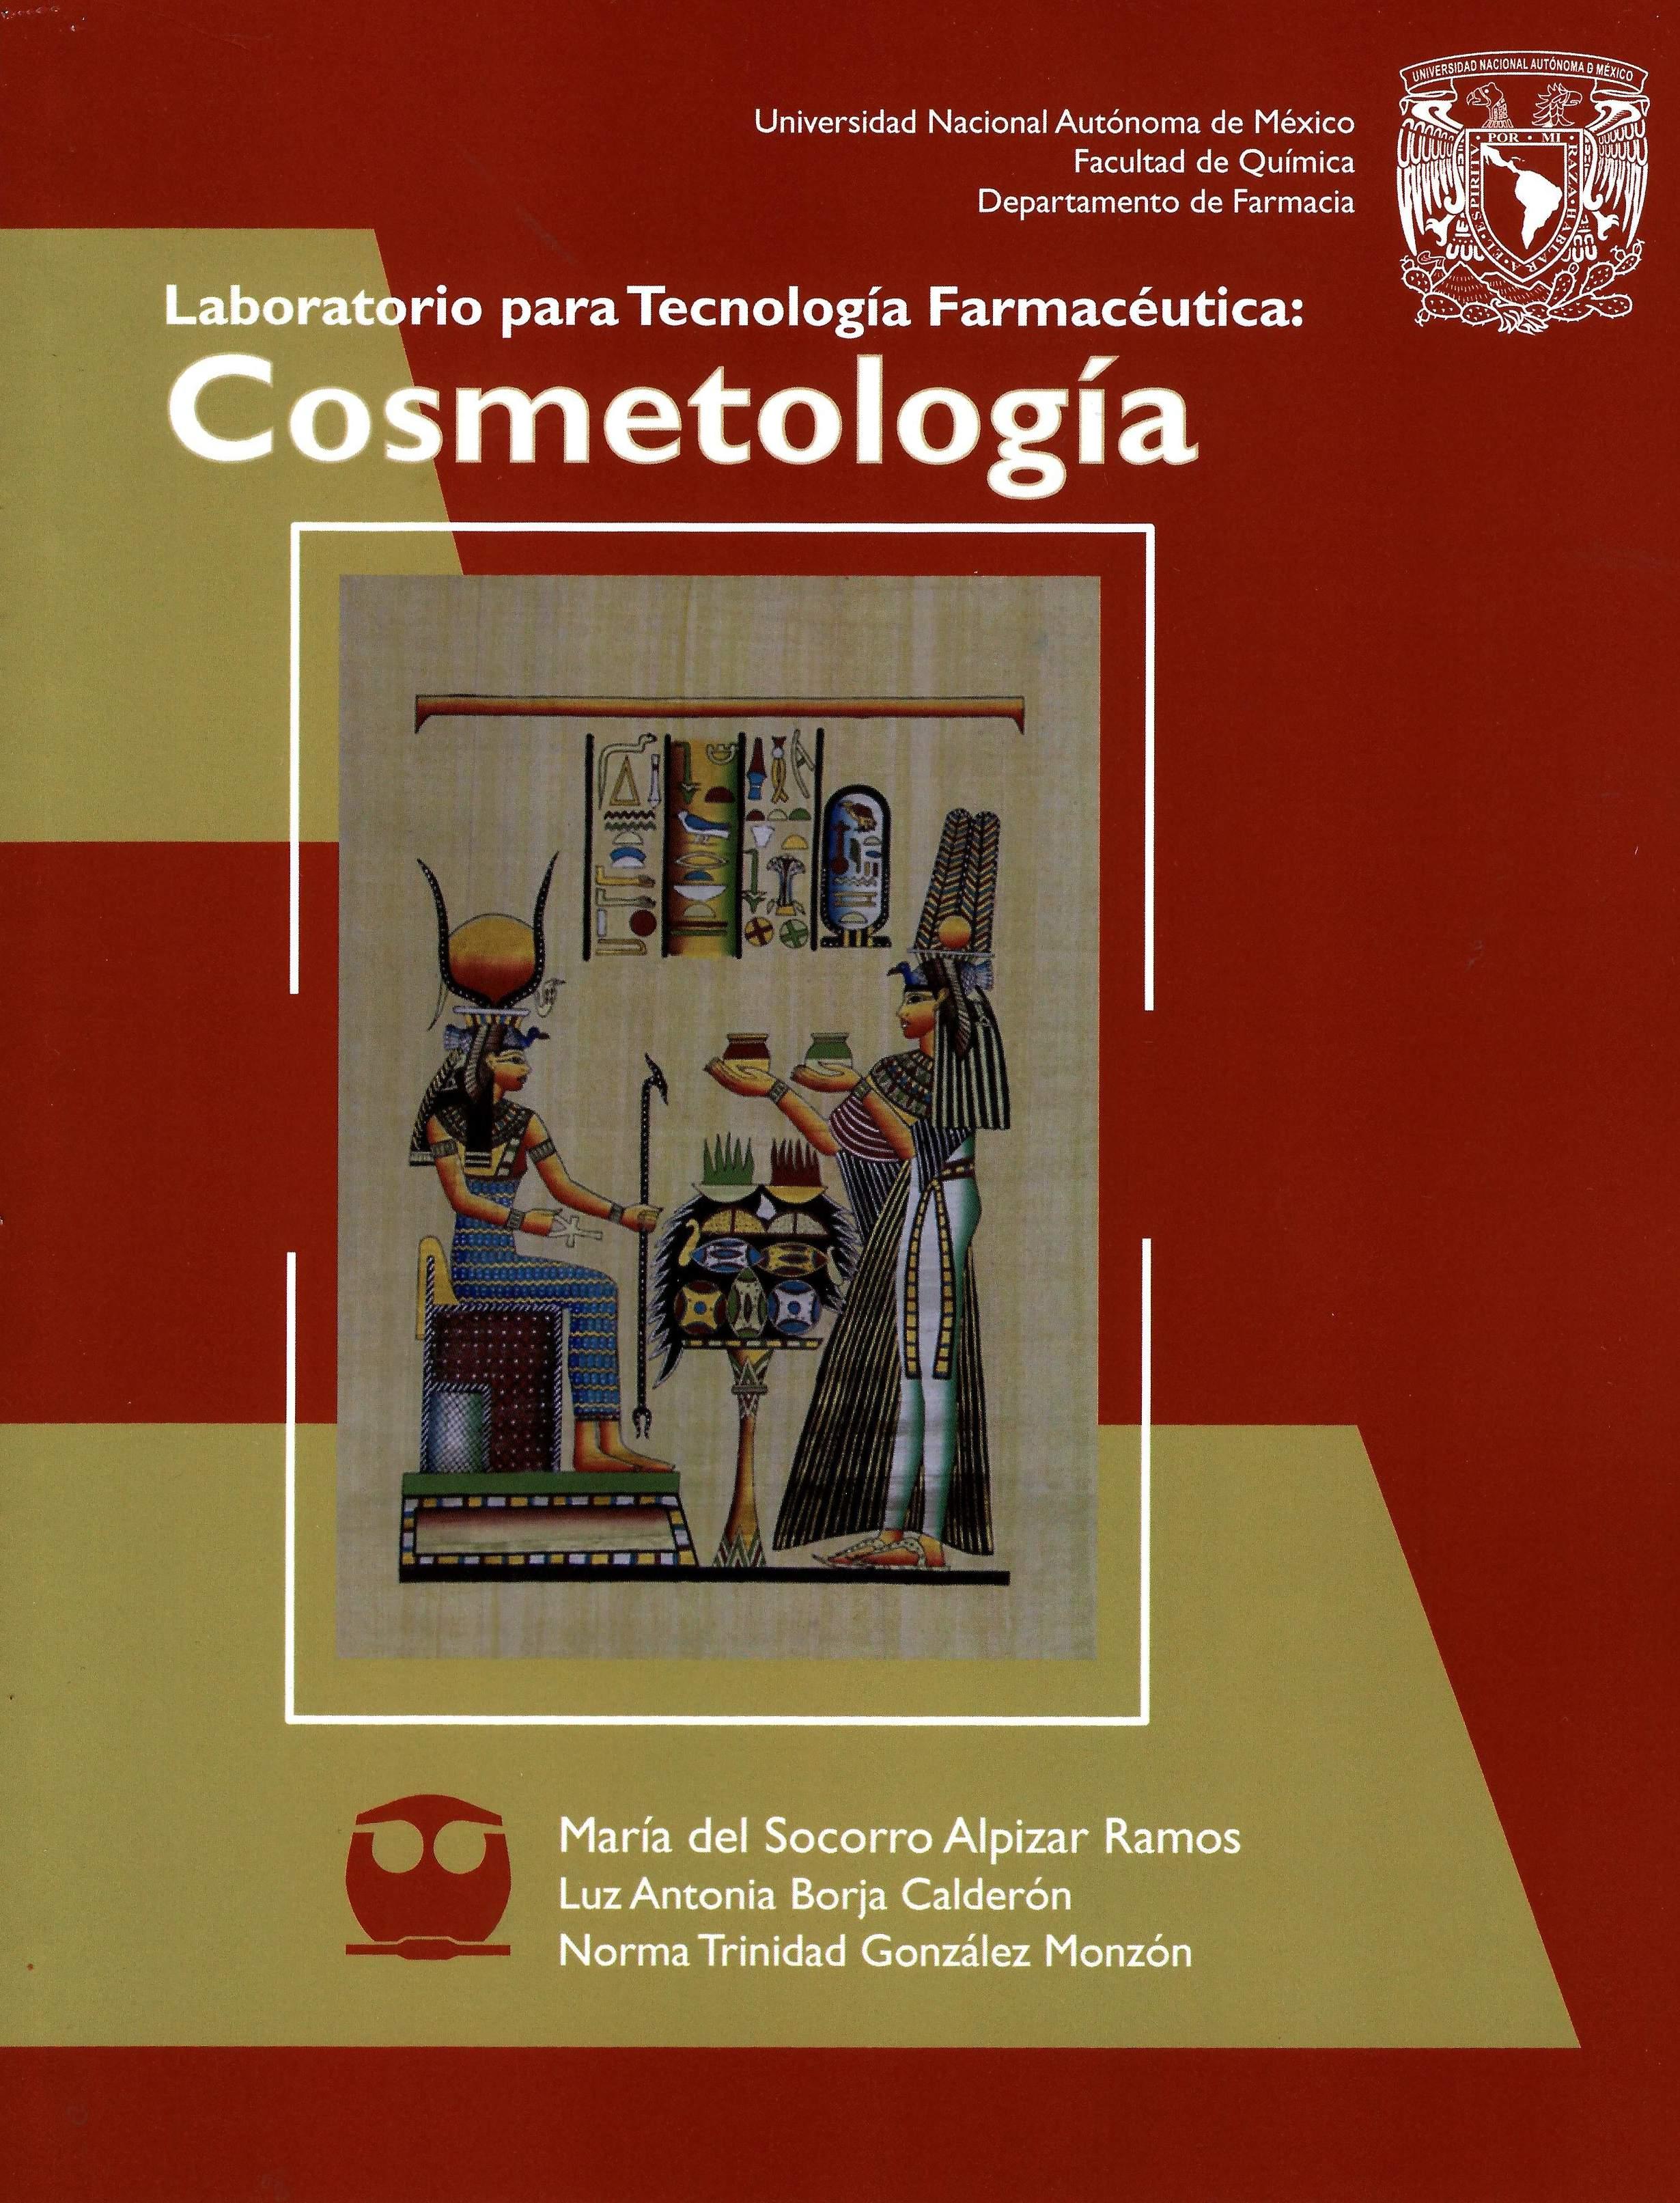 Laboratorio para Tecnología Farmacéutica: Cosmetología